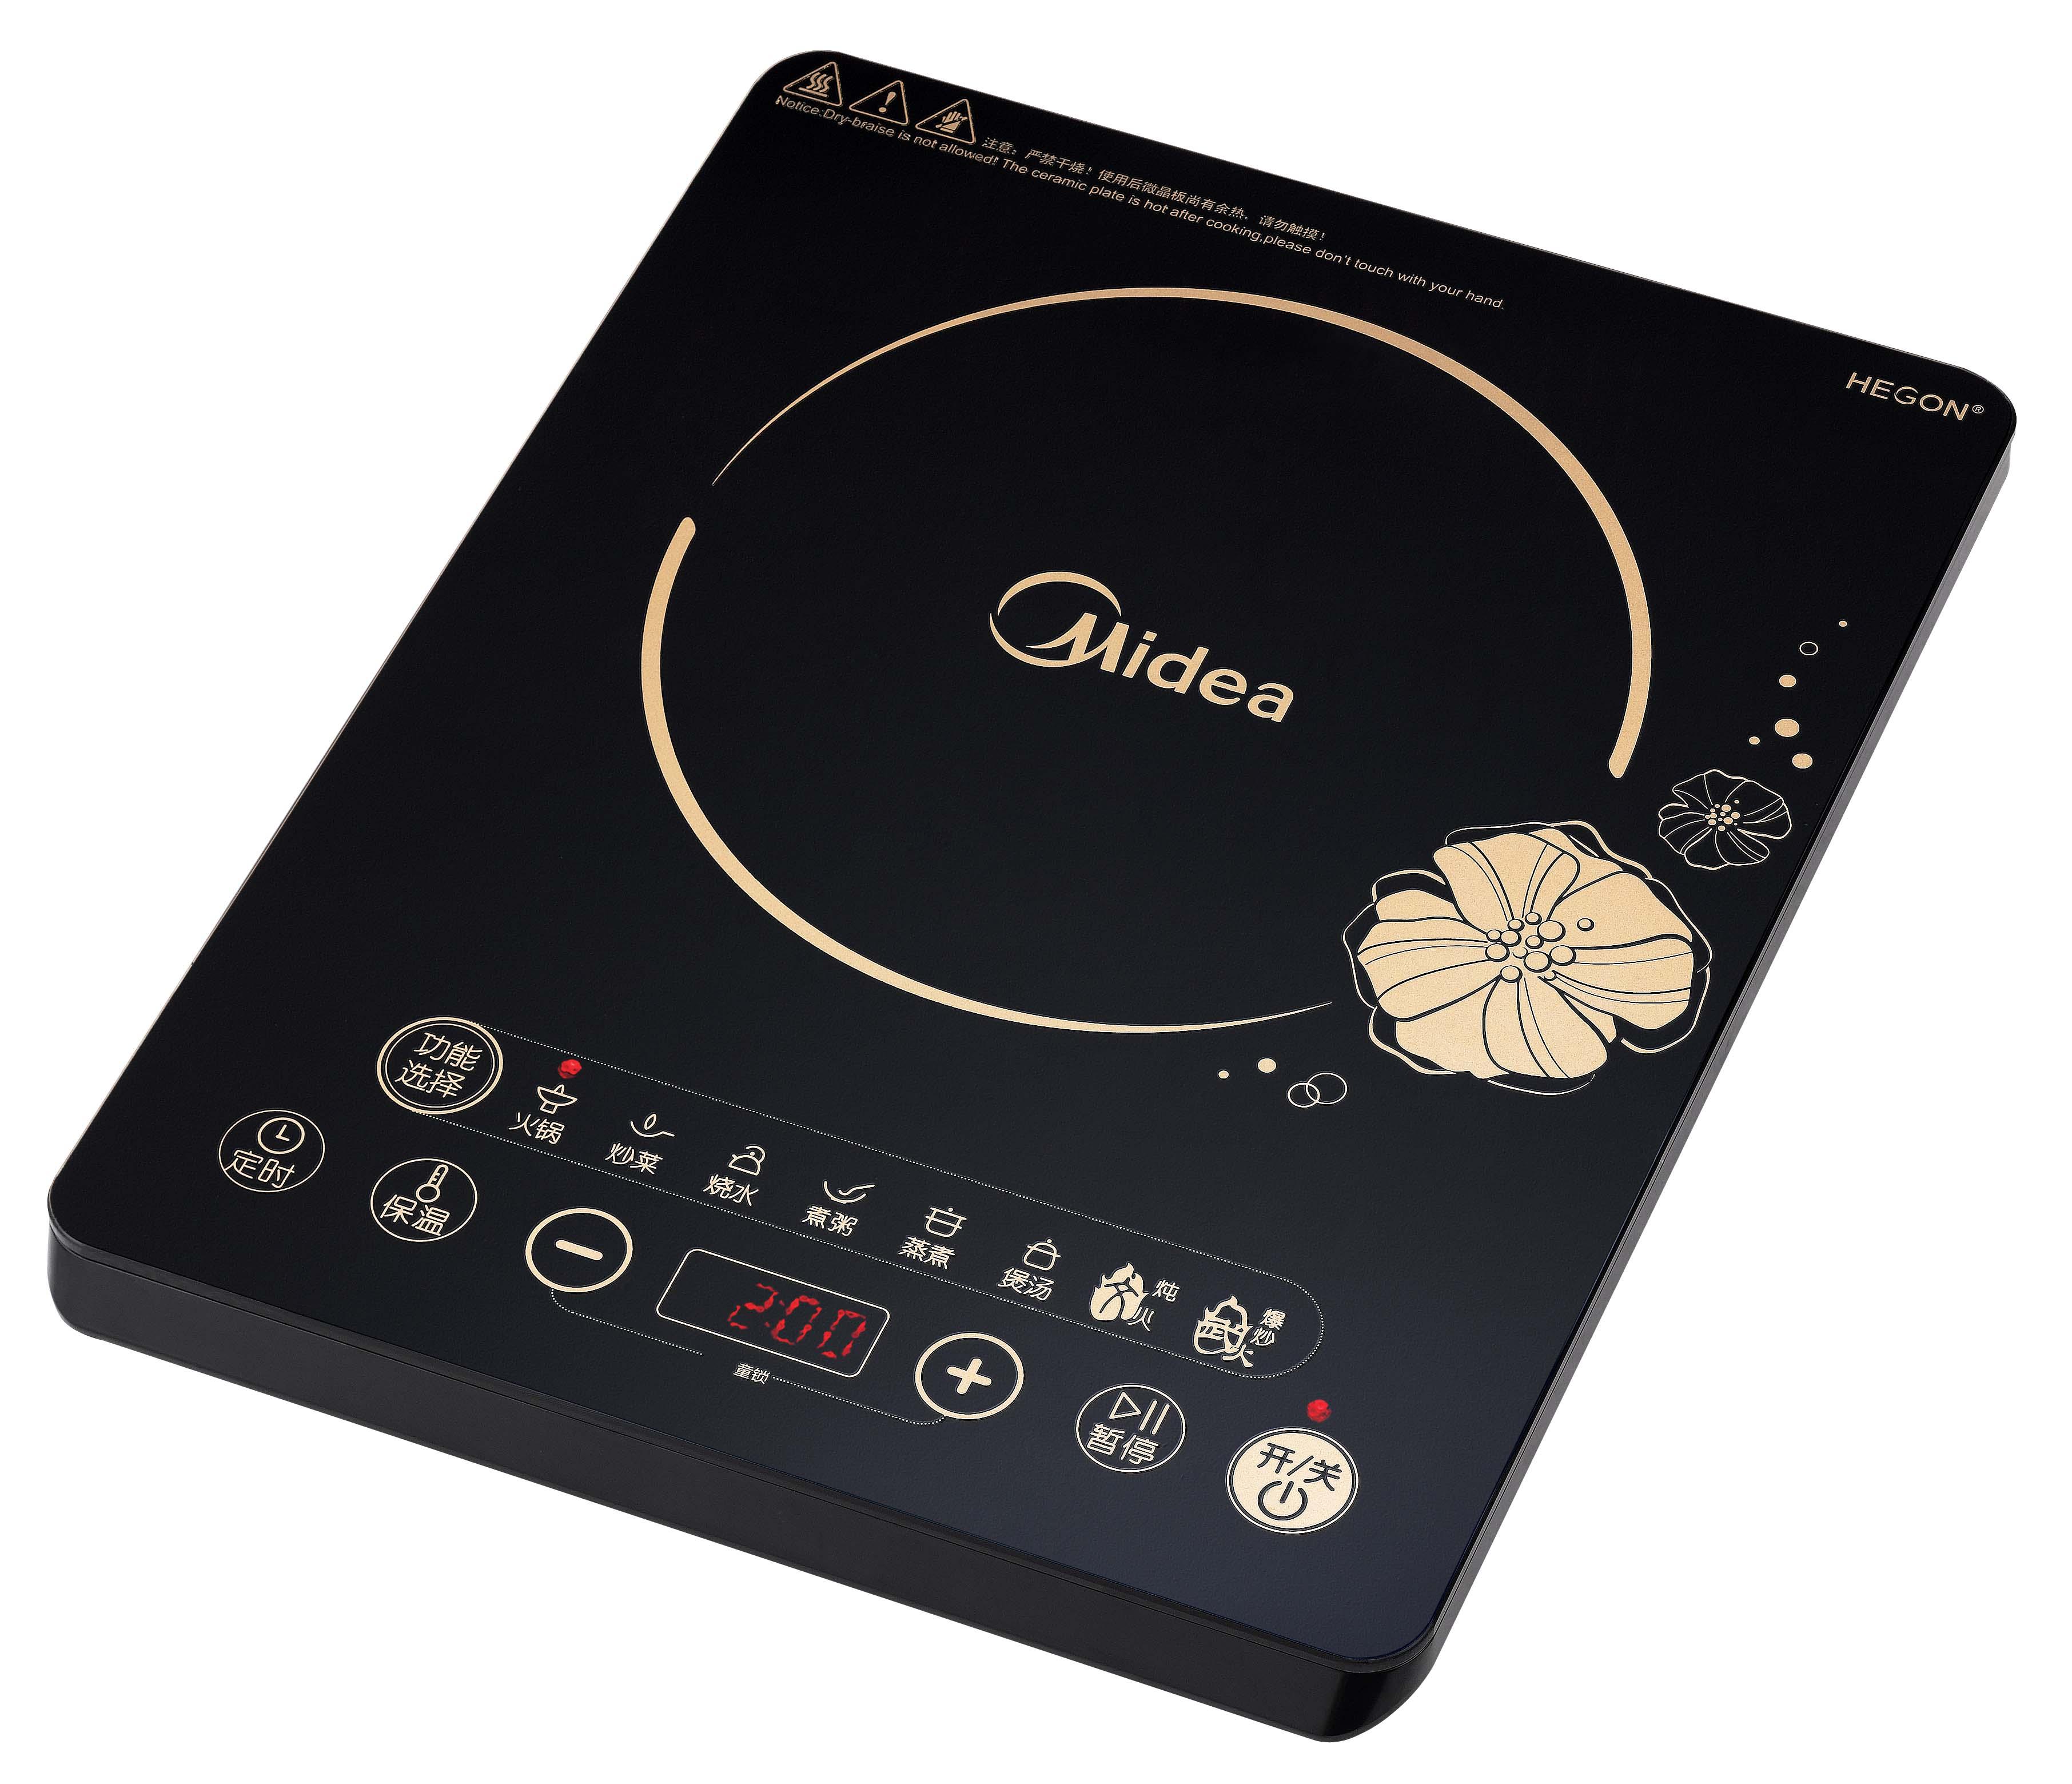 Midea/美的 RT2120电磁炉 说明书.pdf